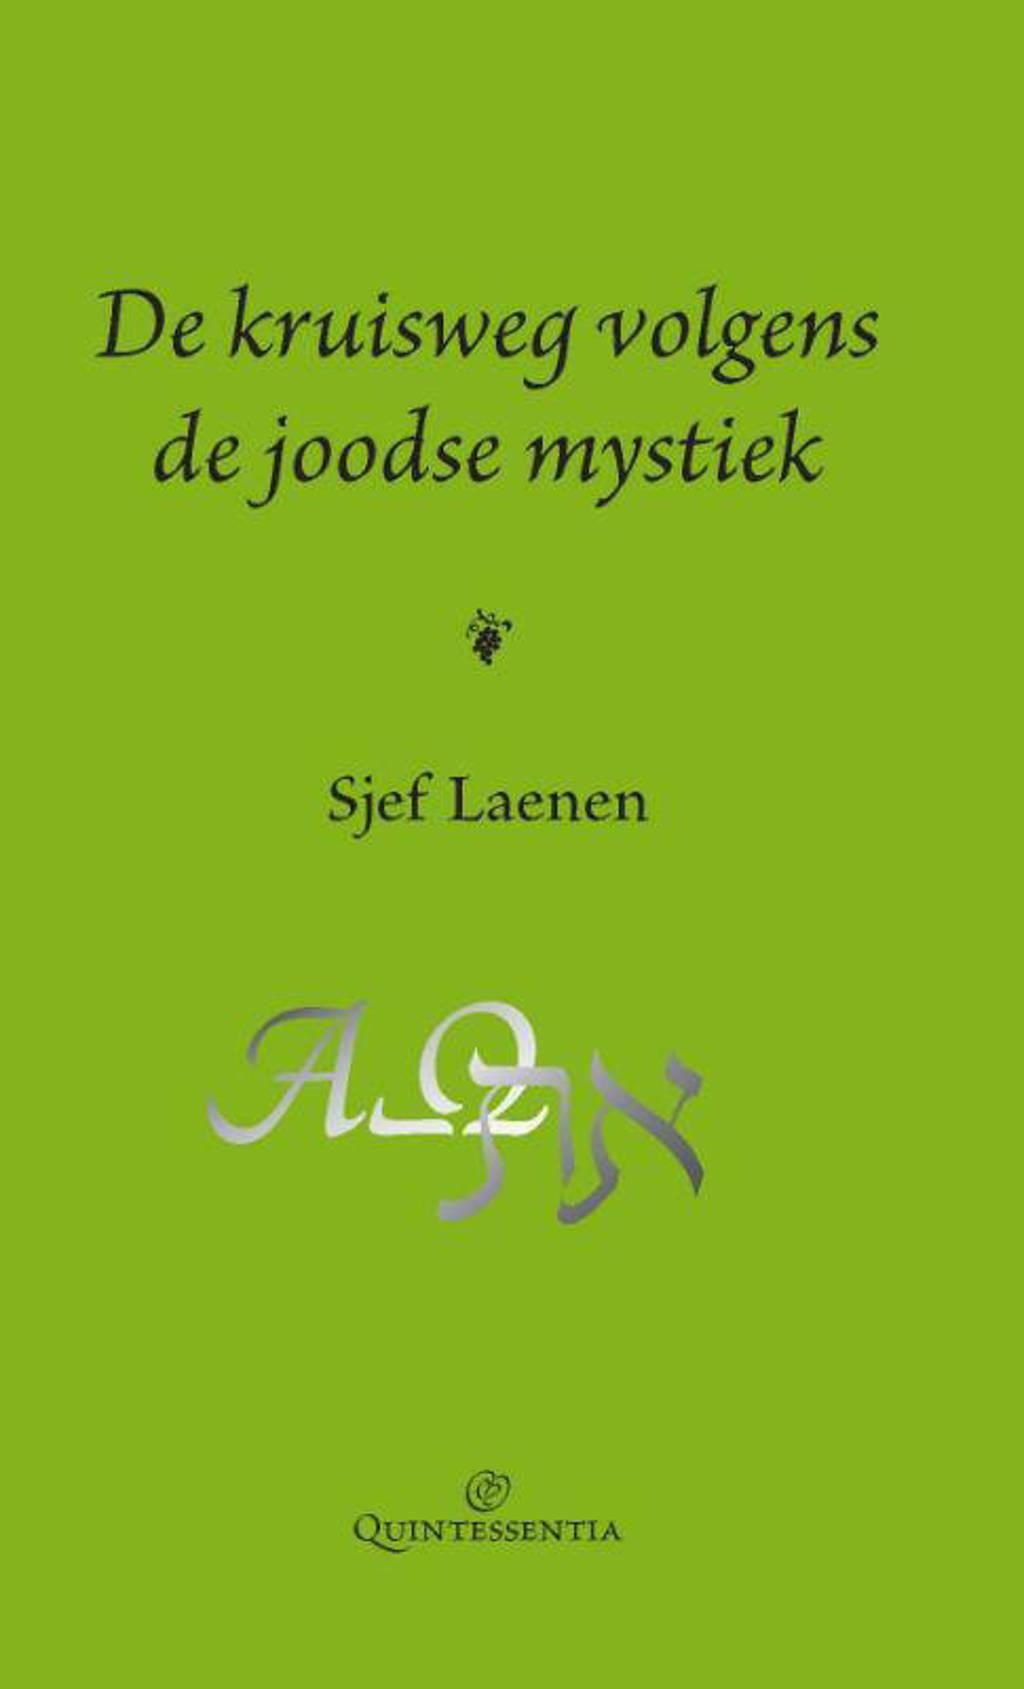 De kruisweg volgens de joodse mystiek - Sjef Laenen